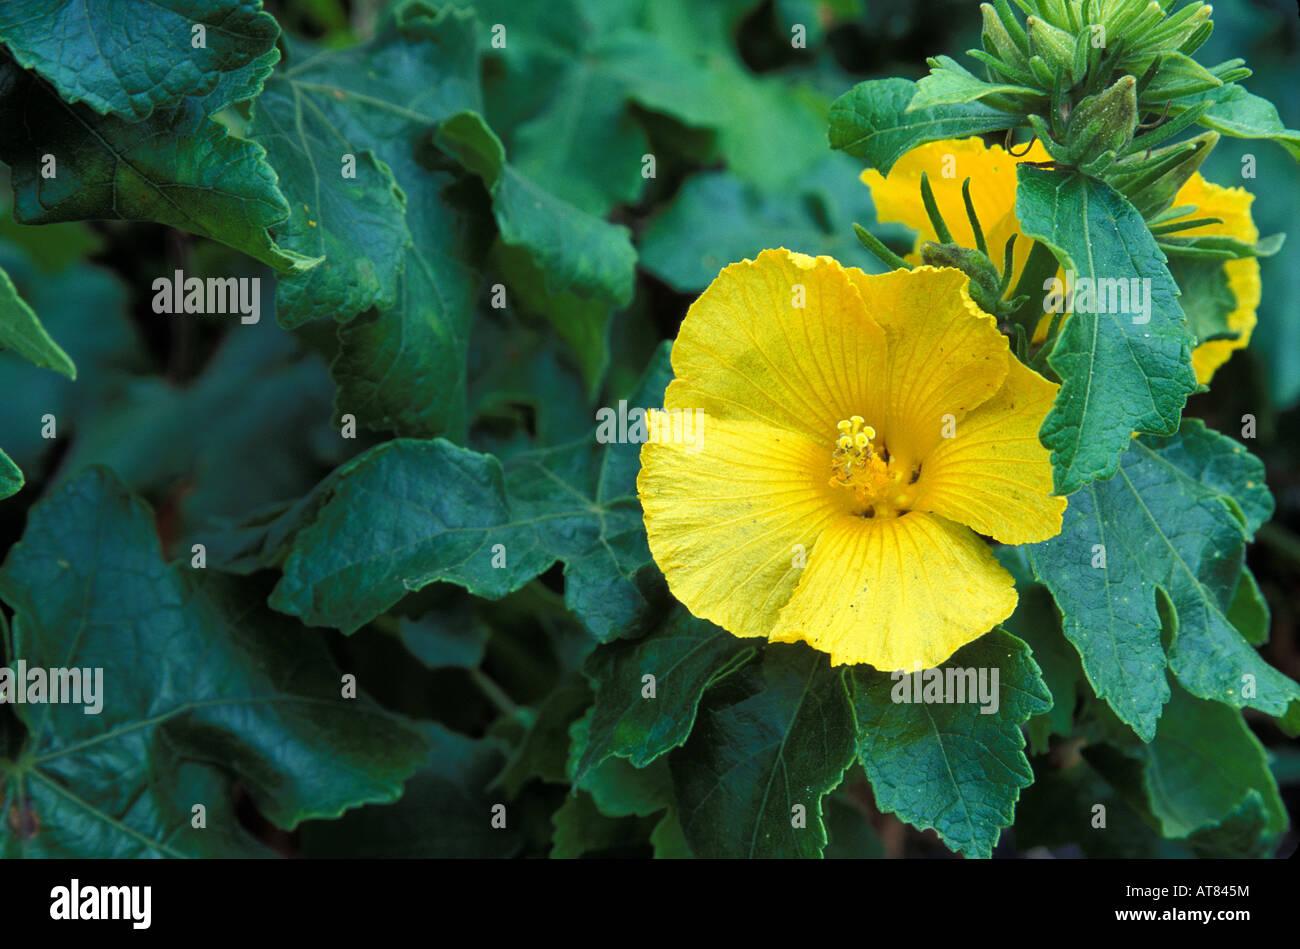 The hawaii state flower the yellow hibiscus brackenridgii stock the hawaii state flower the yellow hibiscus brackenridgii surrounded by green leaves izmirmasajfo